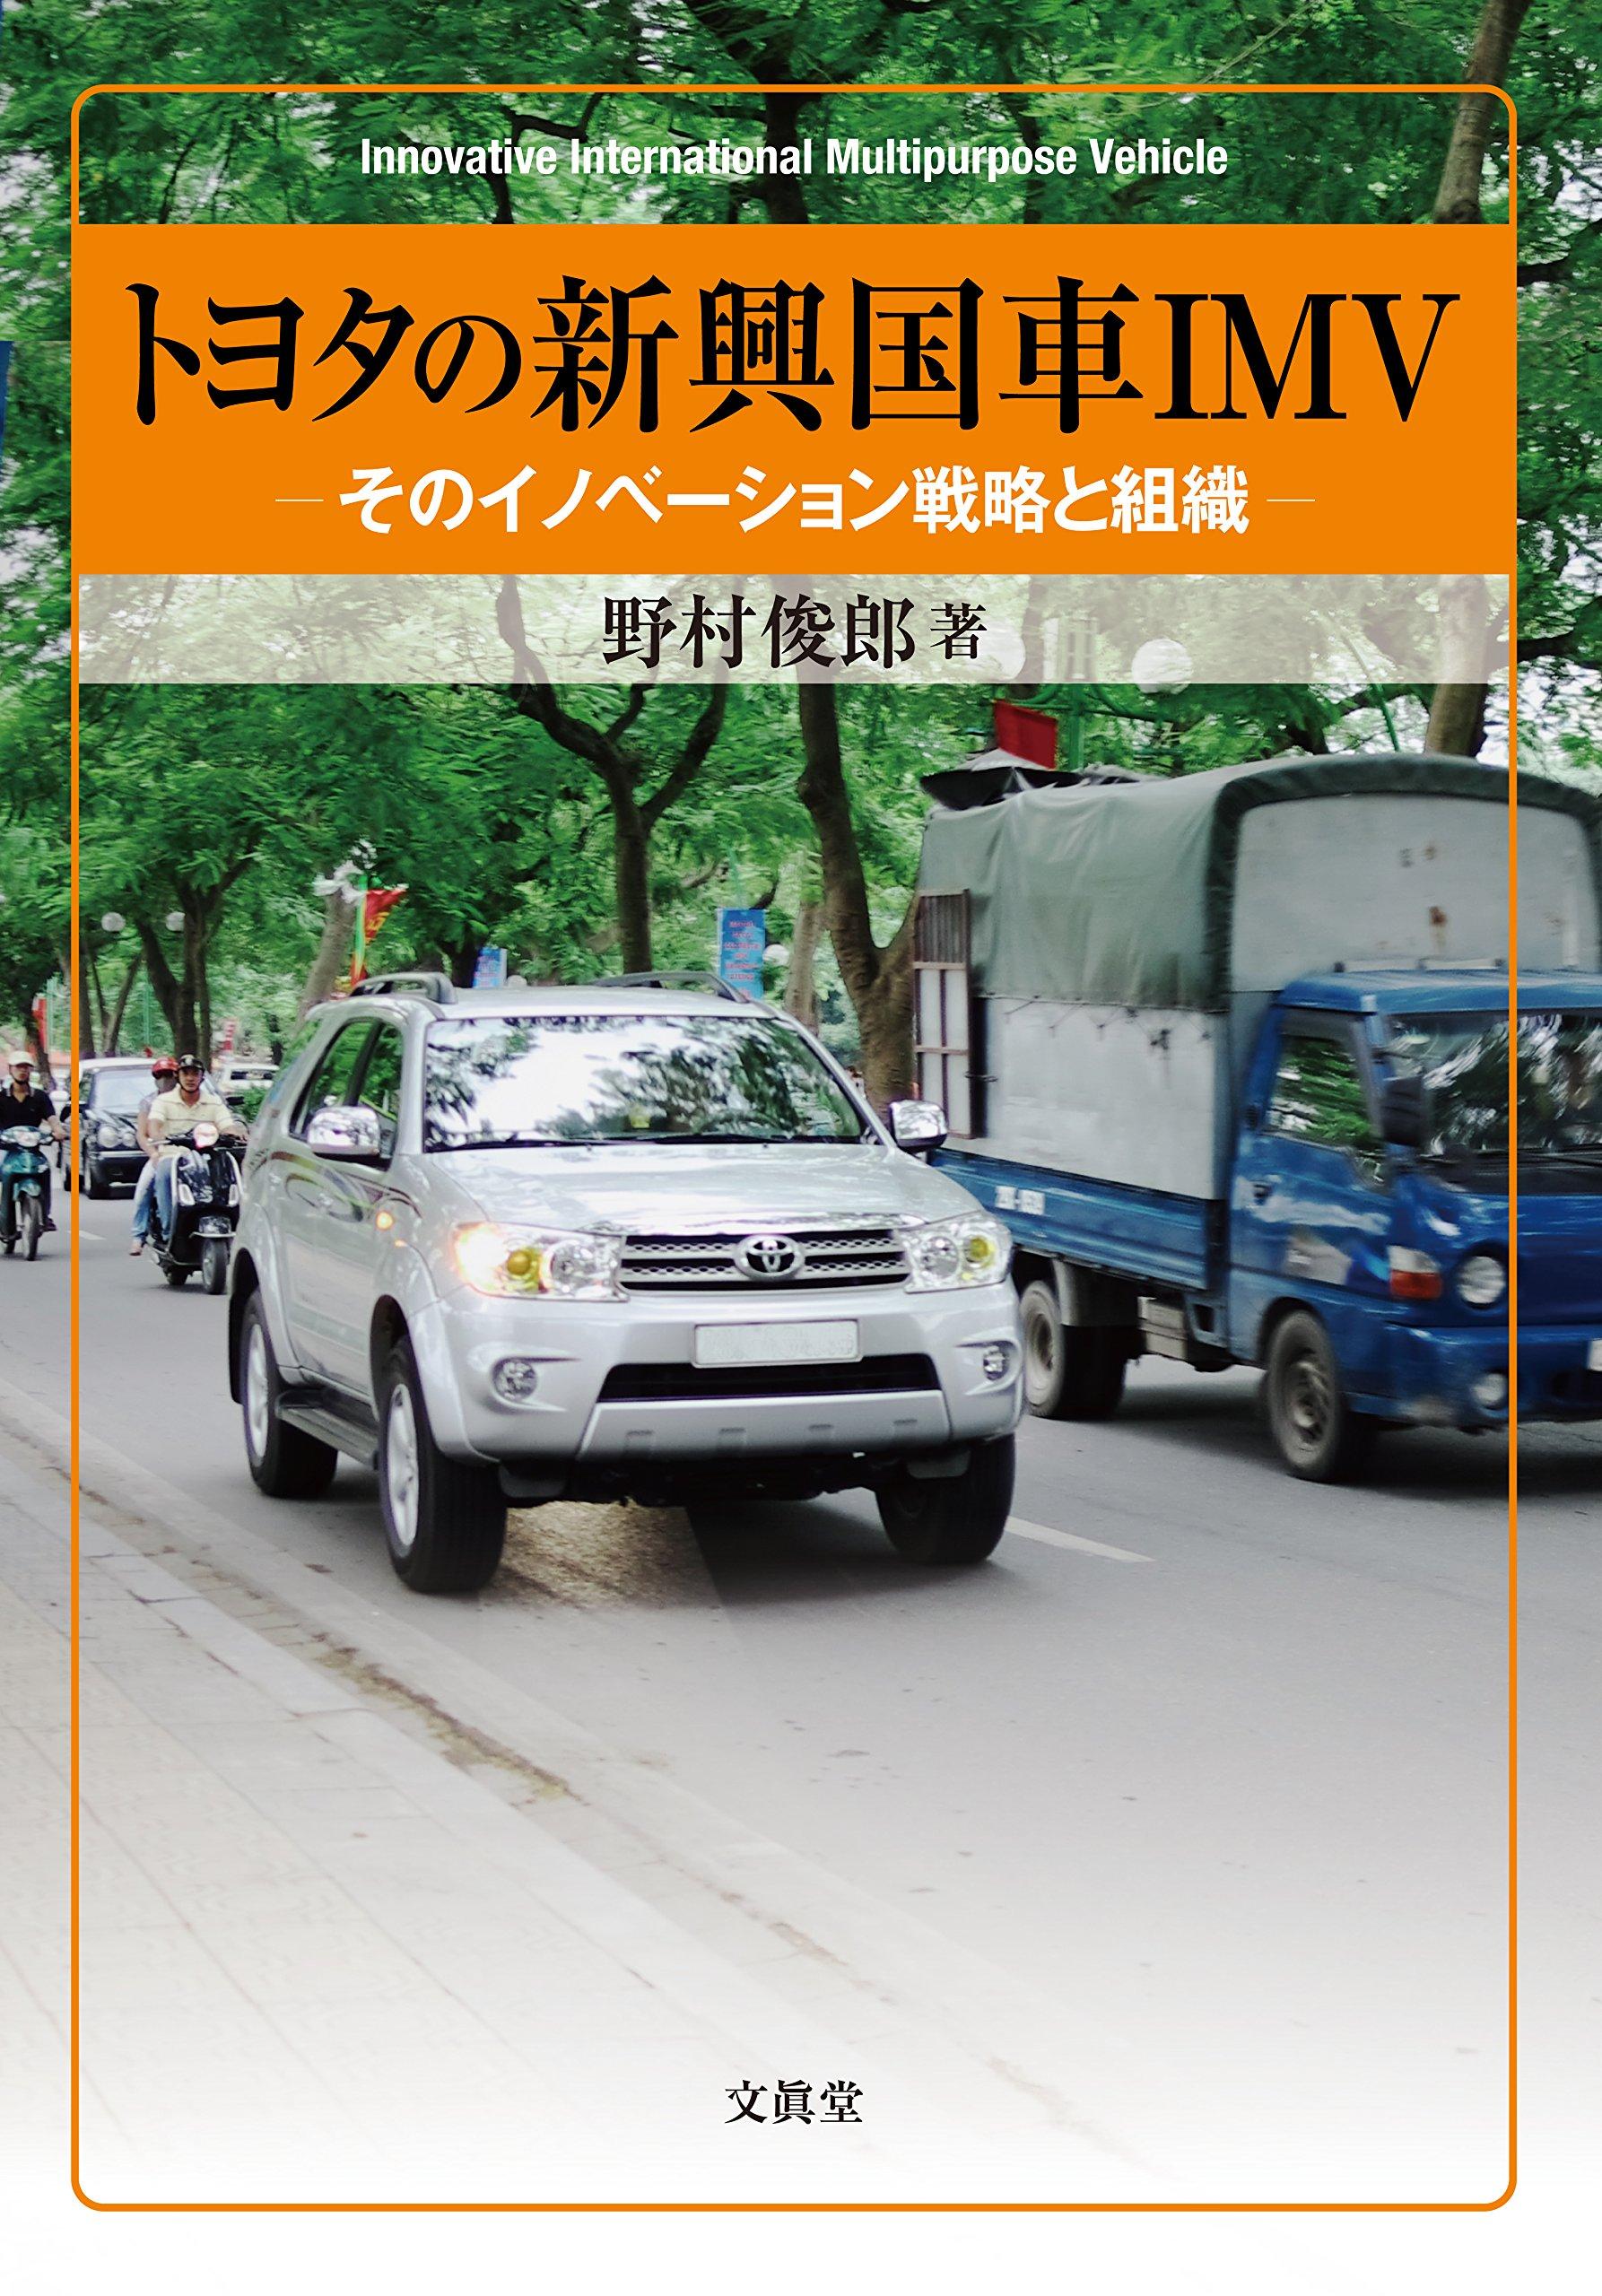 野村俊郎 (鹿児島県立短期大学)著 『トヨタの新興国車IMV: そのイノベーション戦略と組織』